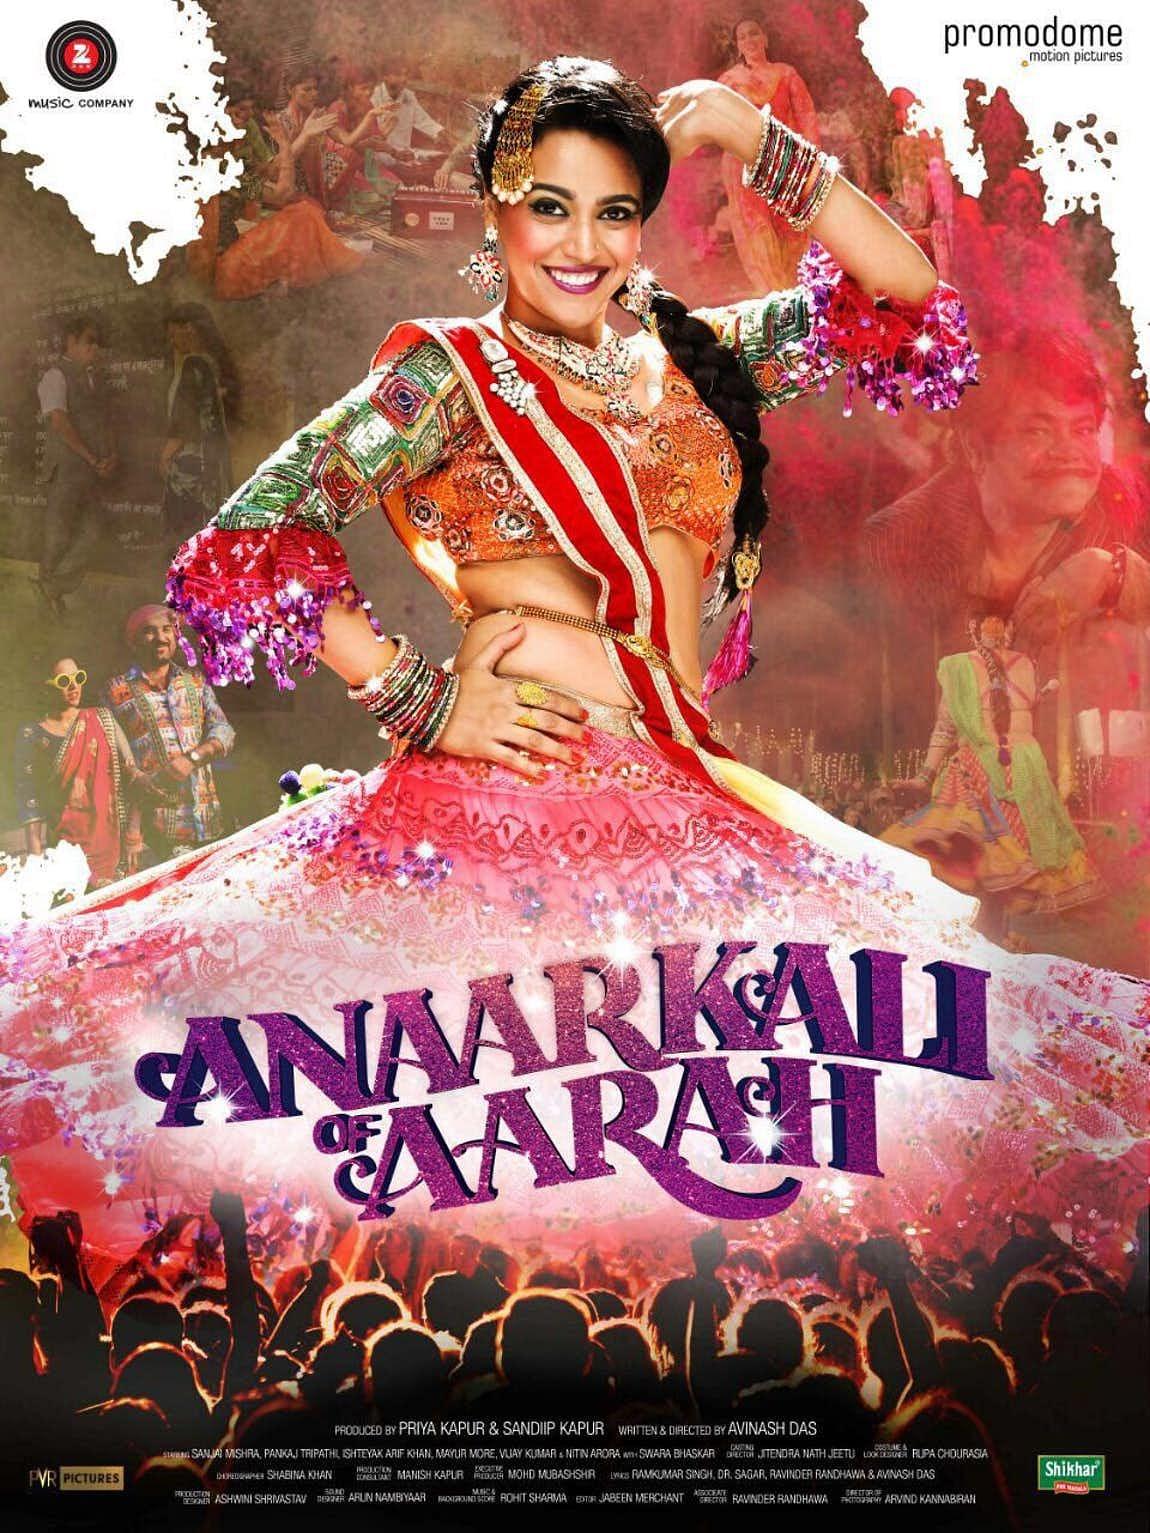 फिल्म अनारकली आॅफ आरा का पोस्टर.